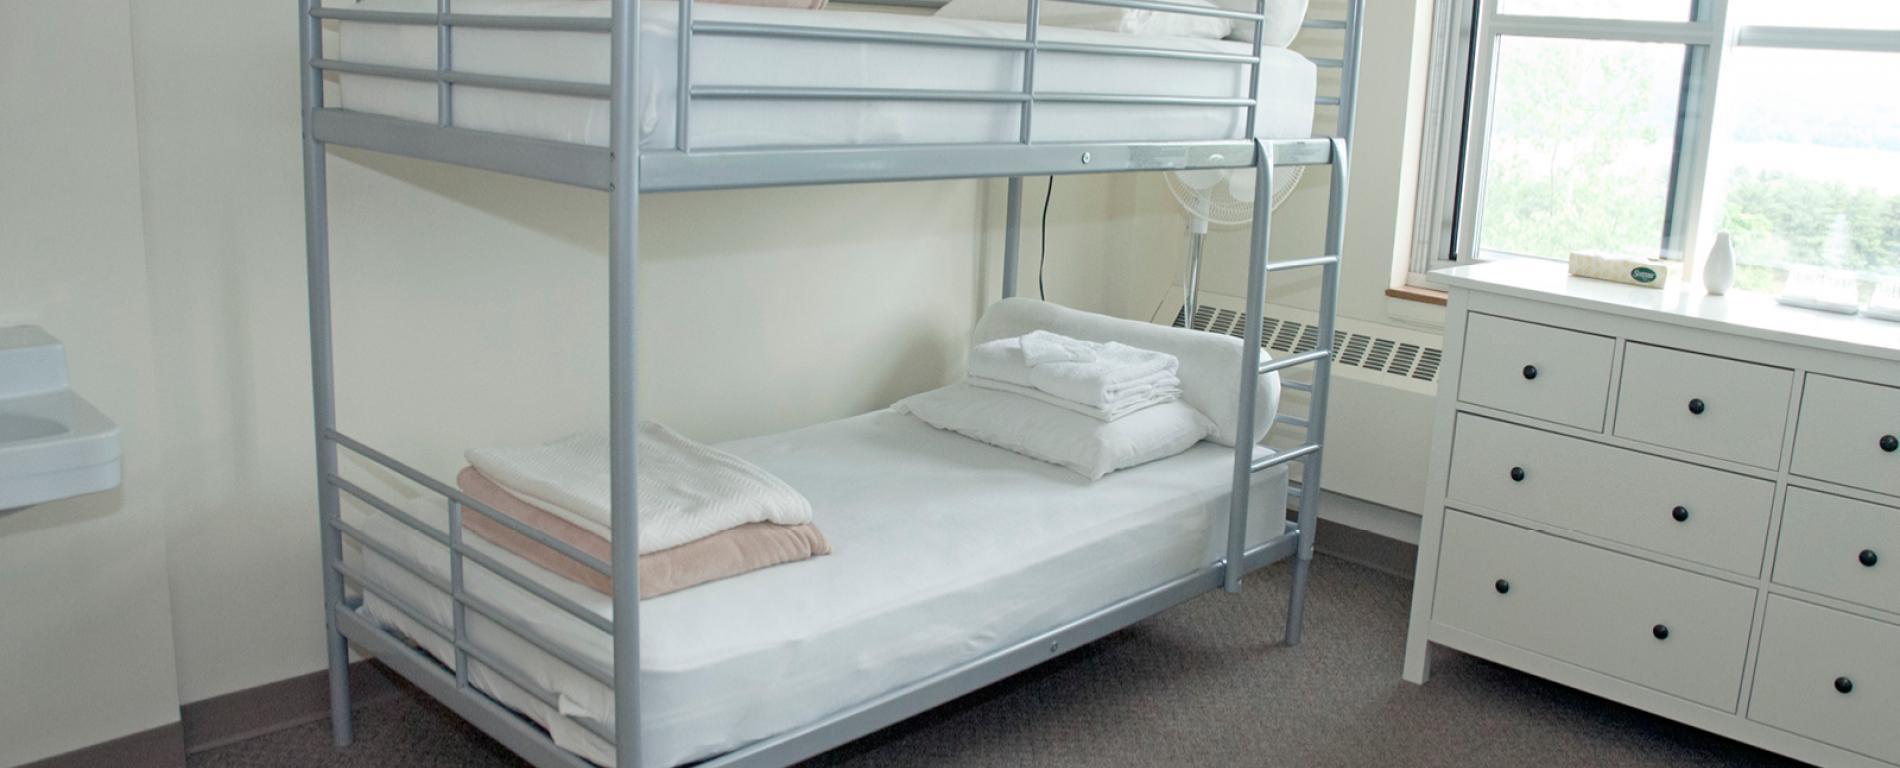 Dormitory Accommodations Kripalu